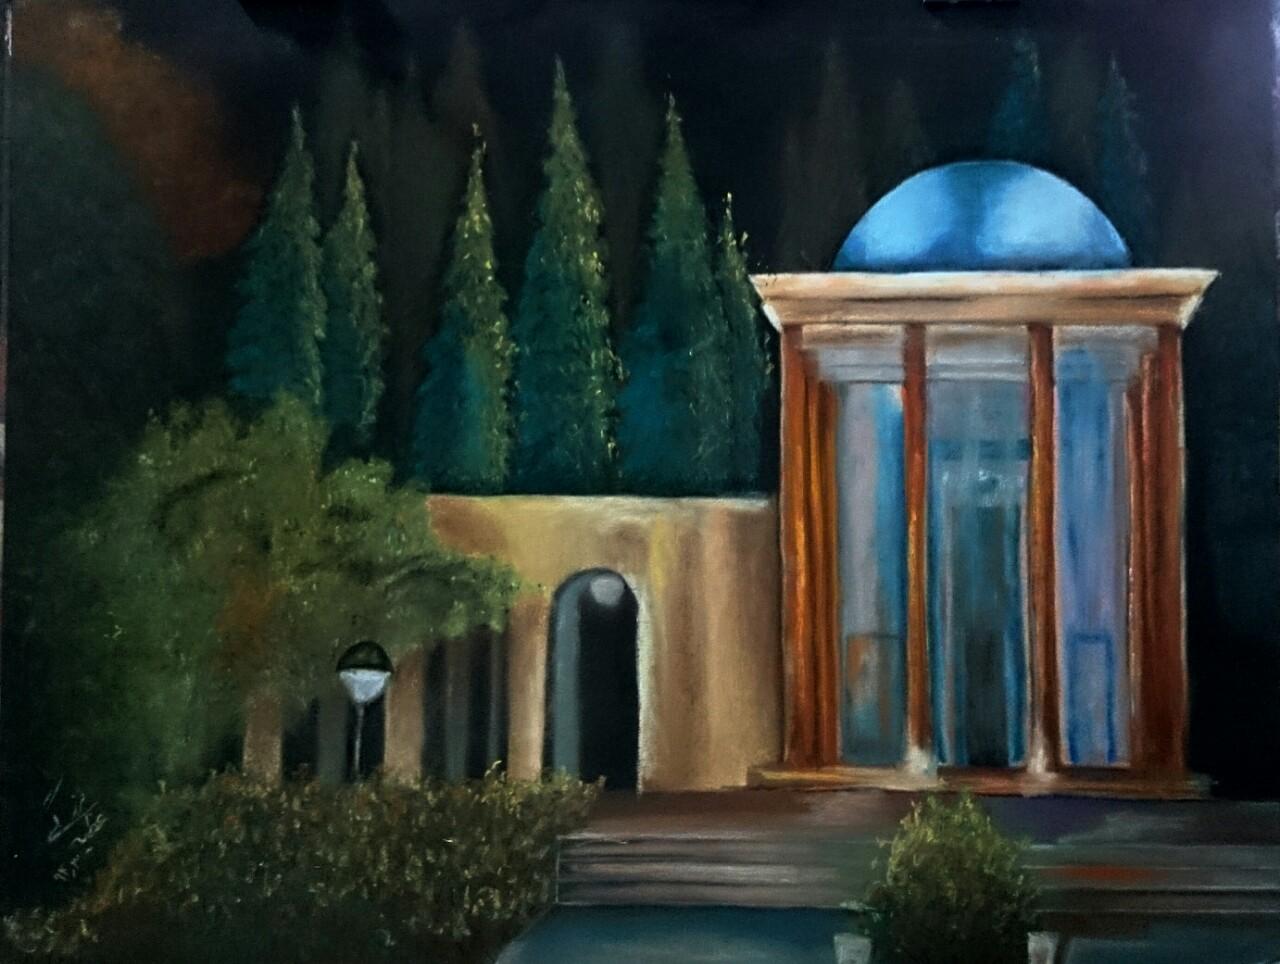 آموزشگاه سایه روشن در شیراز5